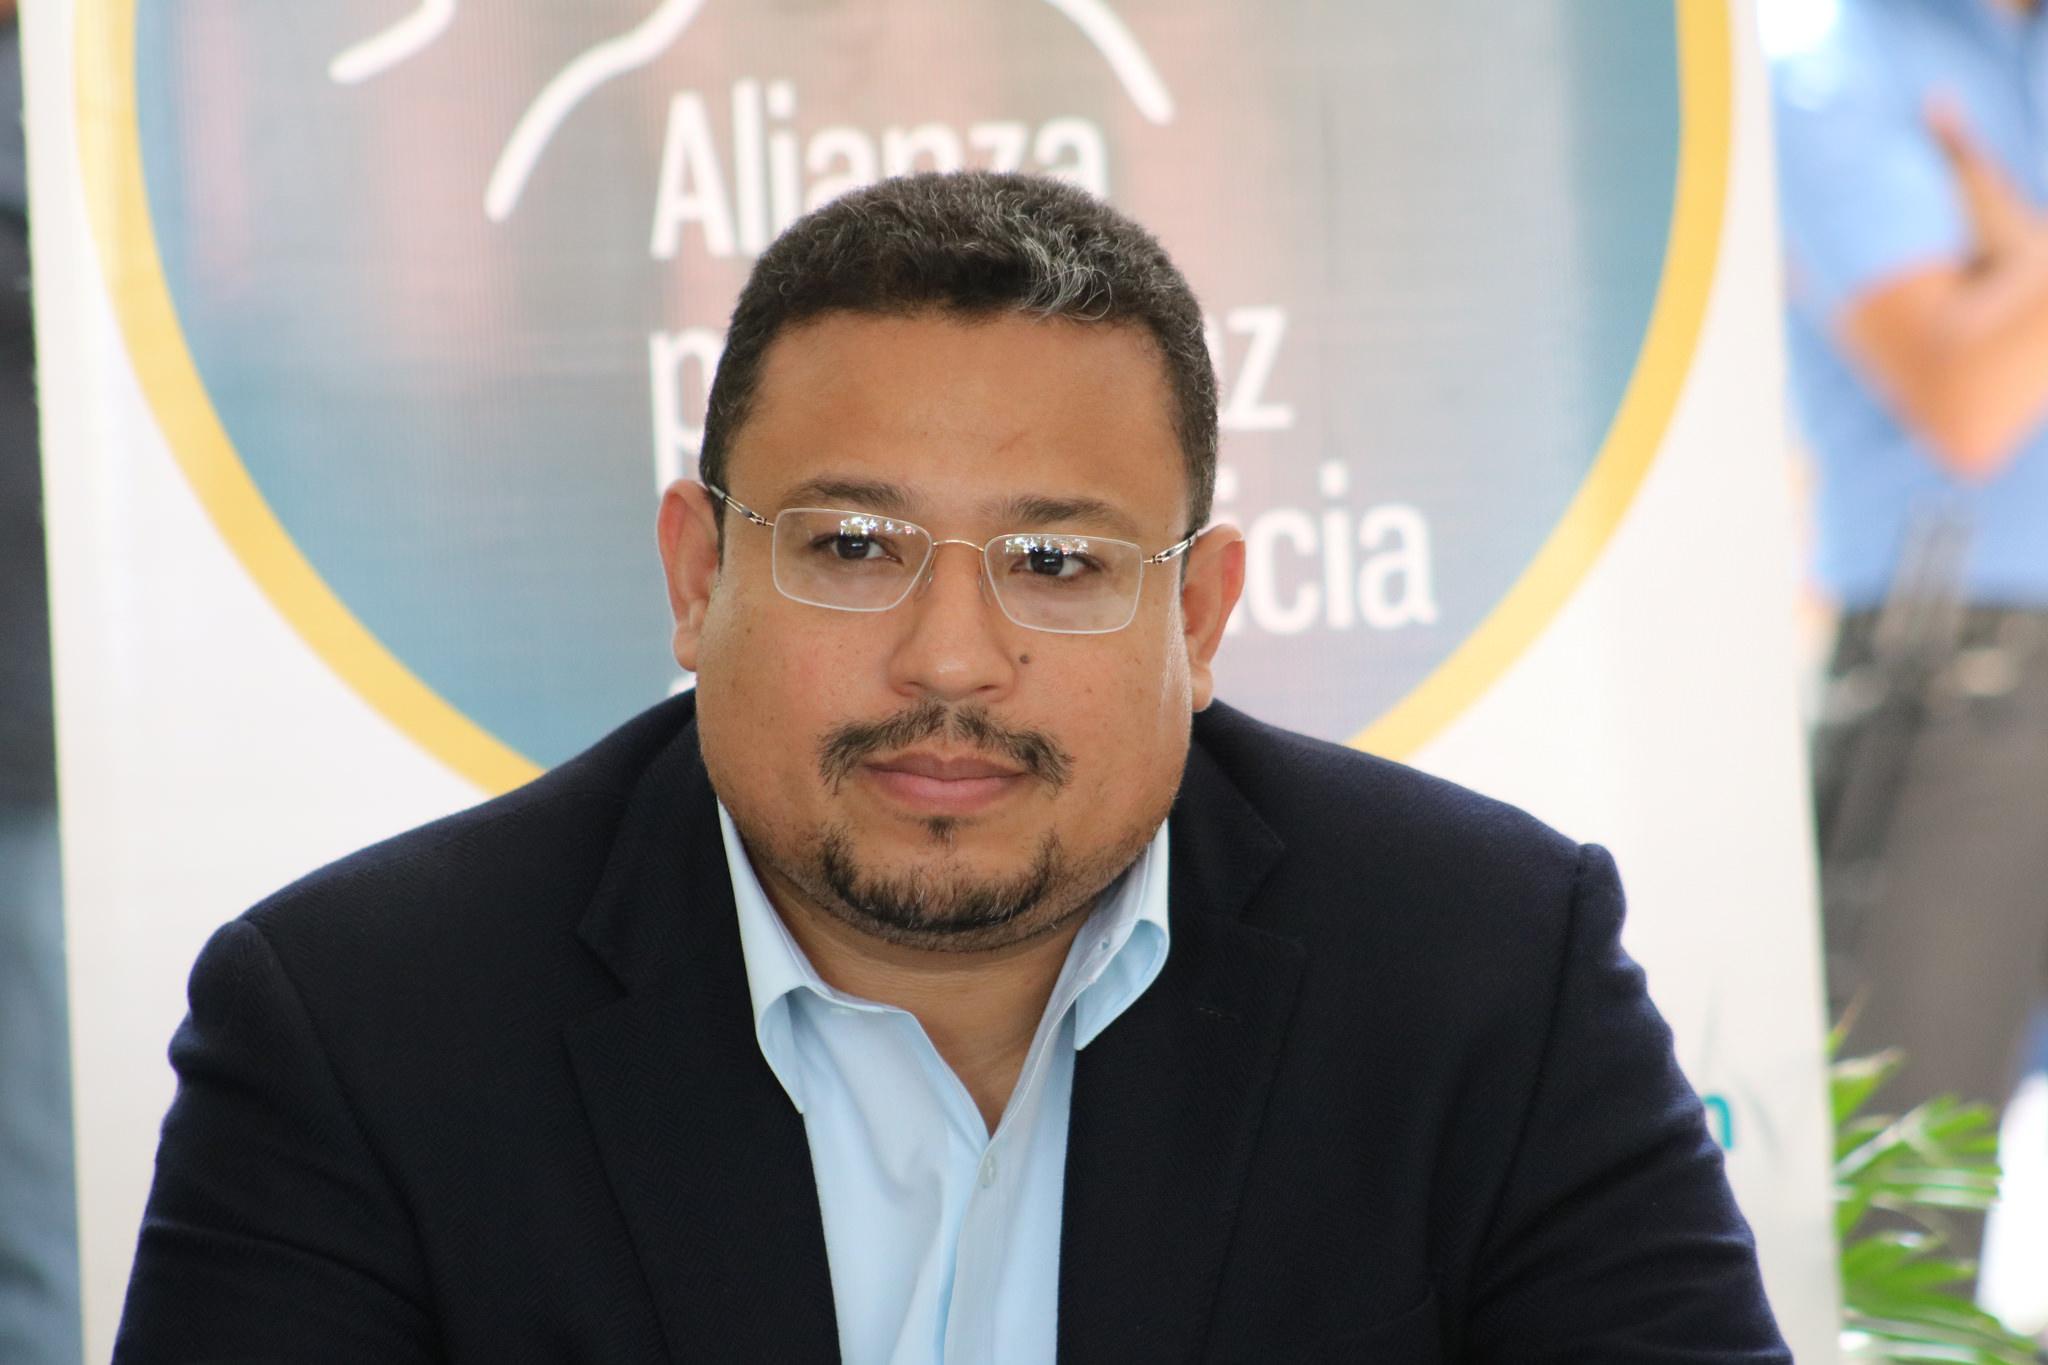 NUEVA CÚPULA DEBE ACTUAR CON HONESTIDAD, CAPACIDAD Y VALENTÍA Por: Omar Rivera